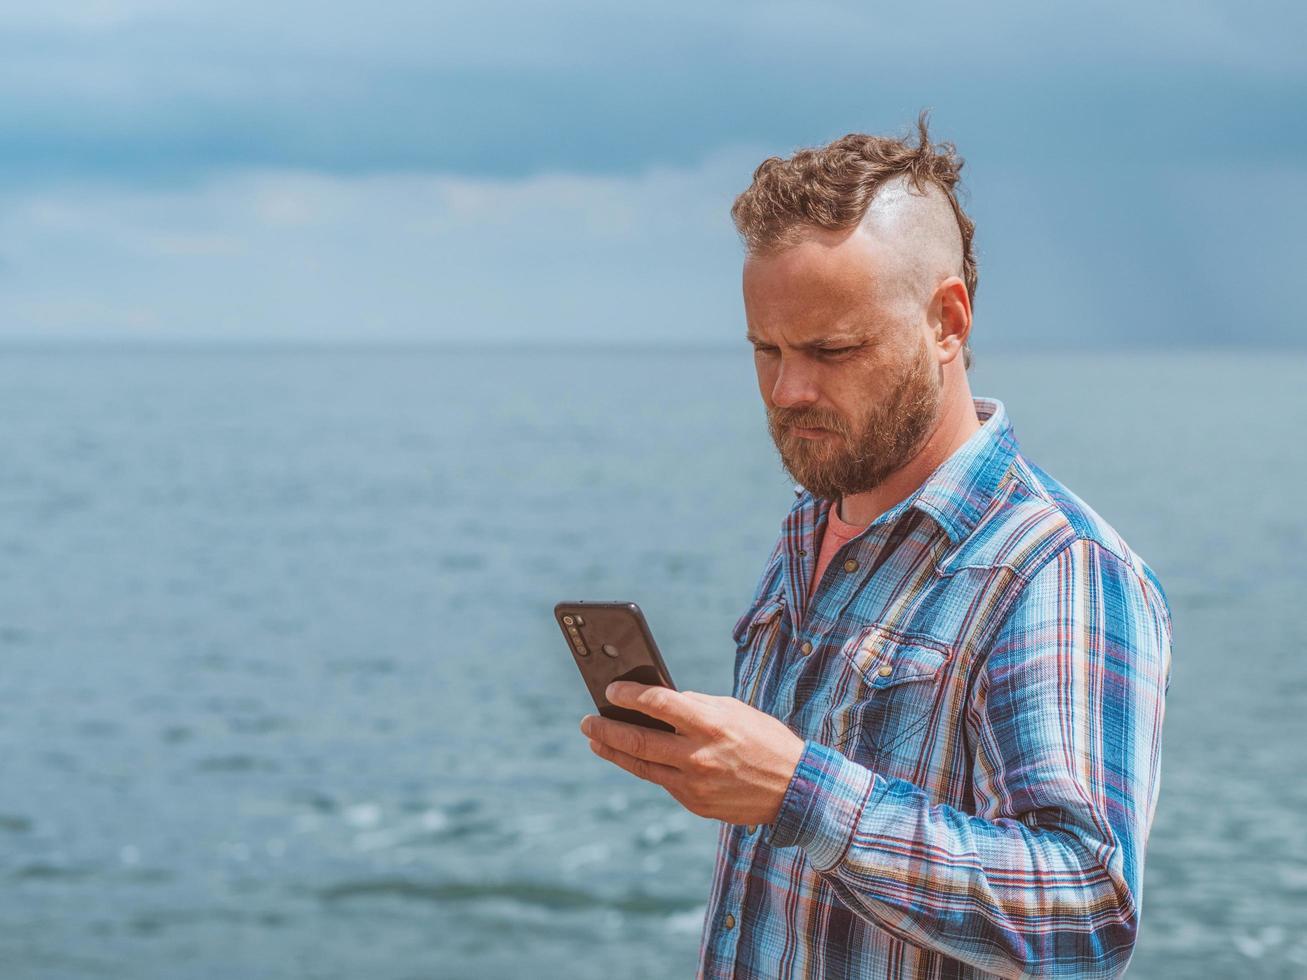 homme barbu avec un mohawk tient un téléphone dans sa main photo